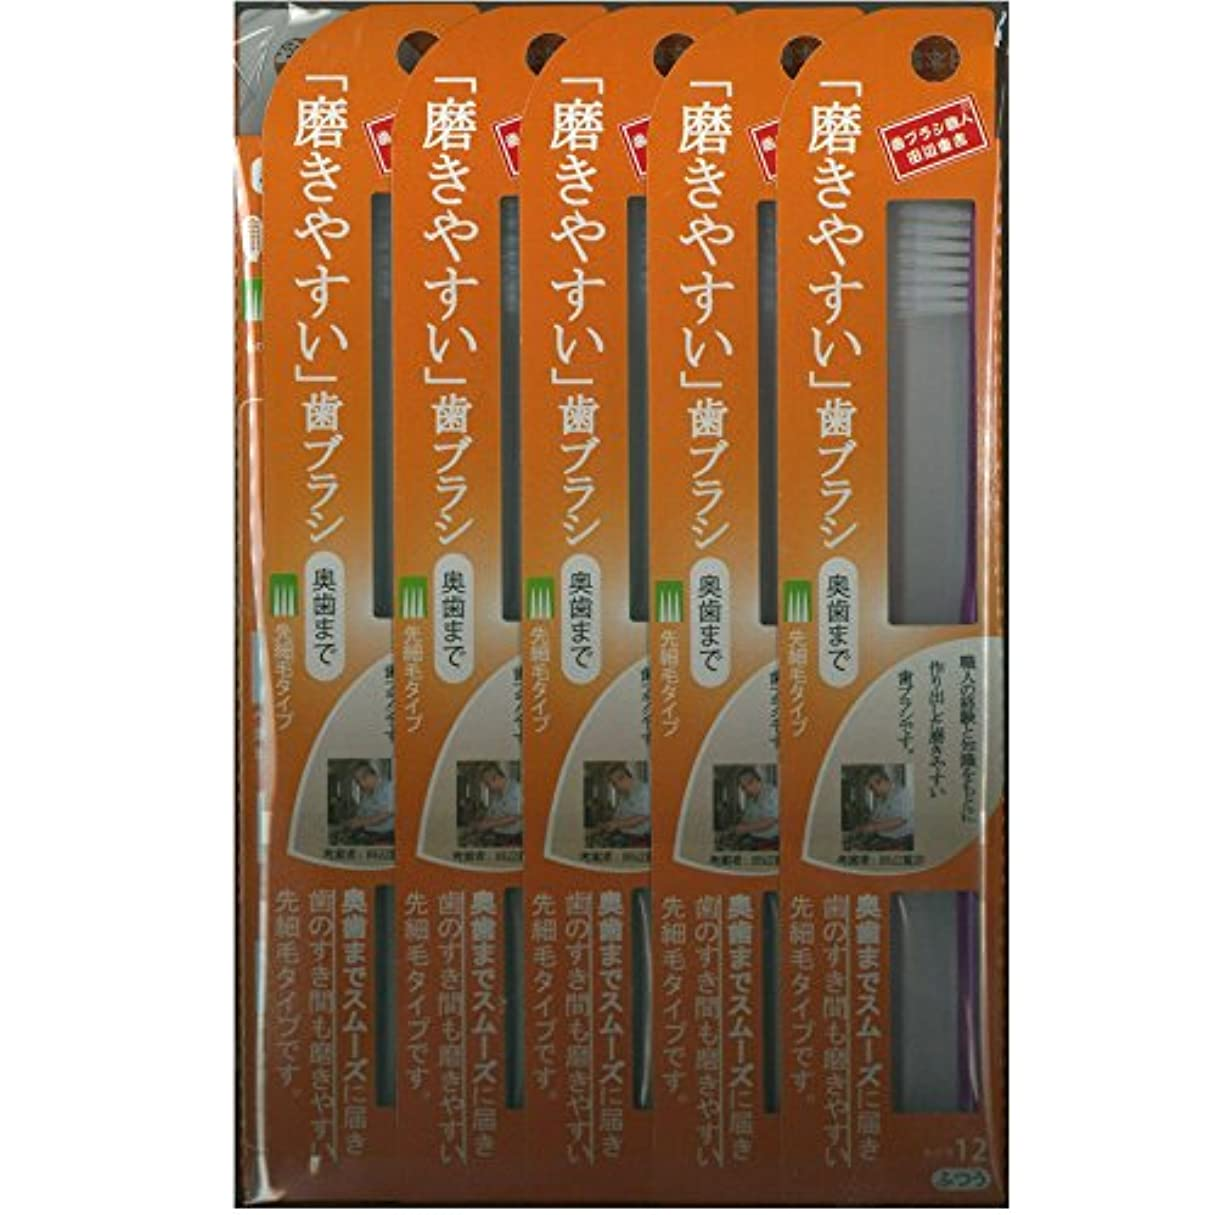 素朴な抗生物質見物人磨きやすい歯ブラシ(奥歯まで)先細 LT-12×12本セット( ピンク×4本、ブルー×4本、グリーン×2本、パープル×2本)